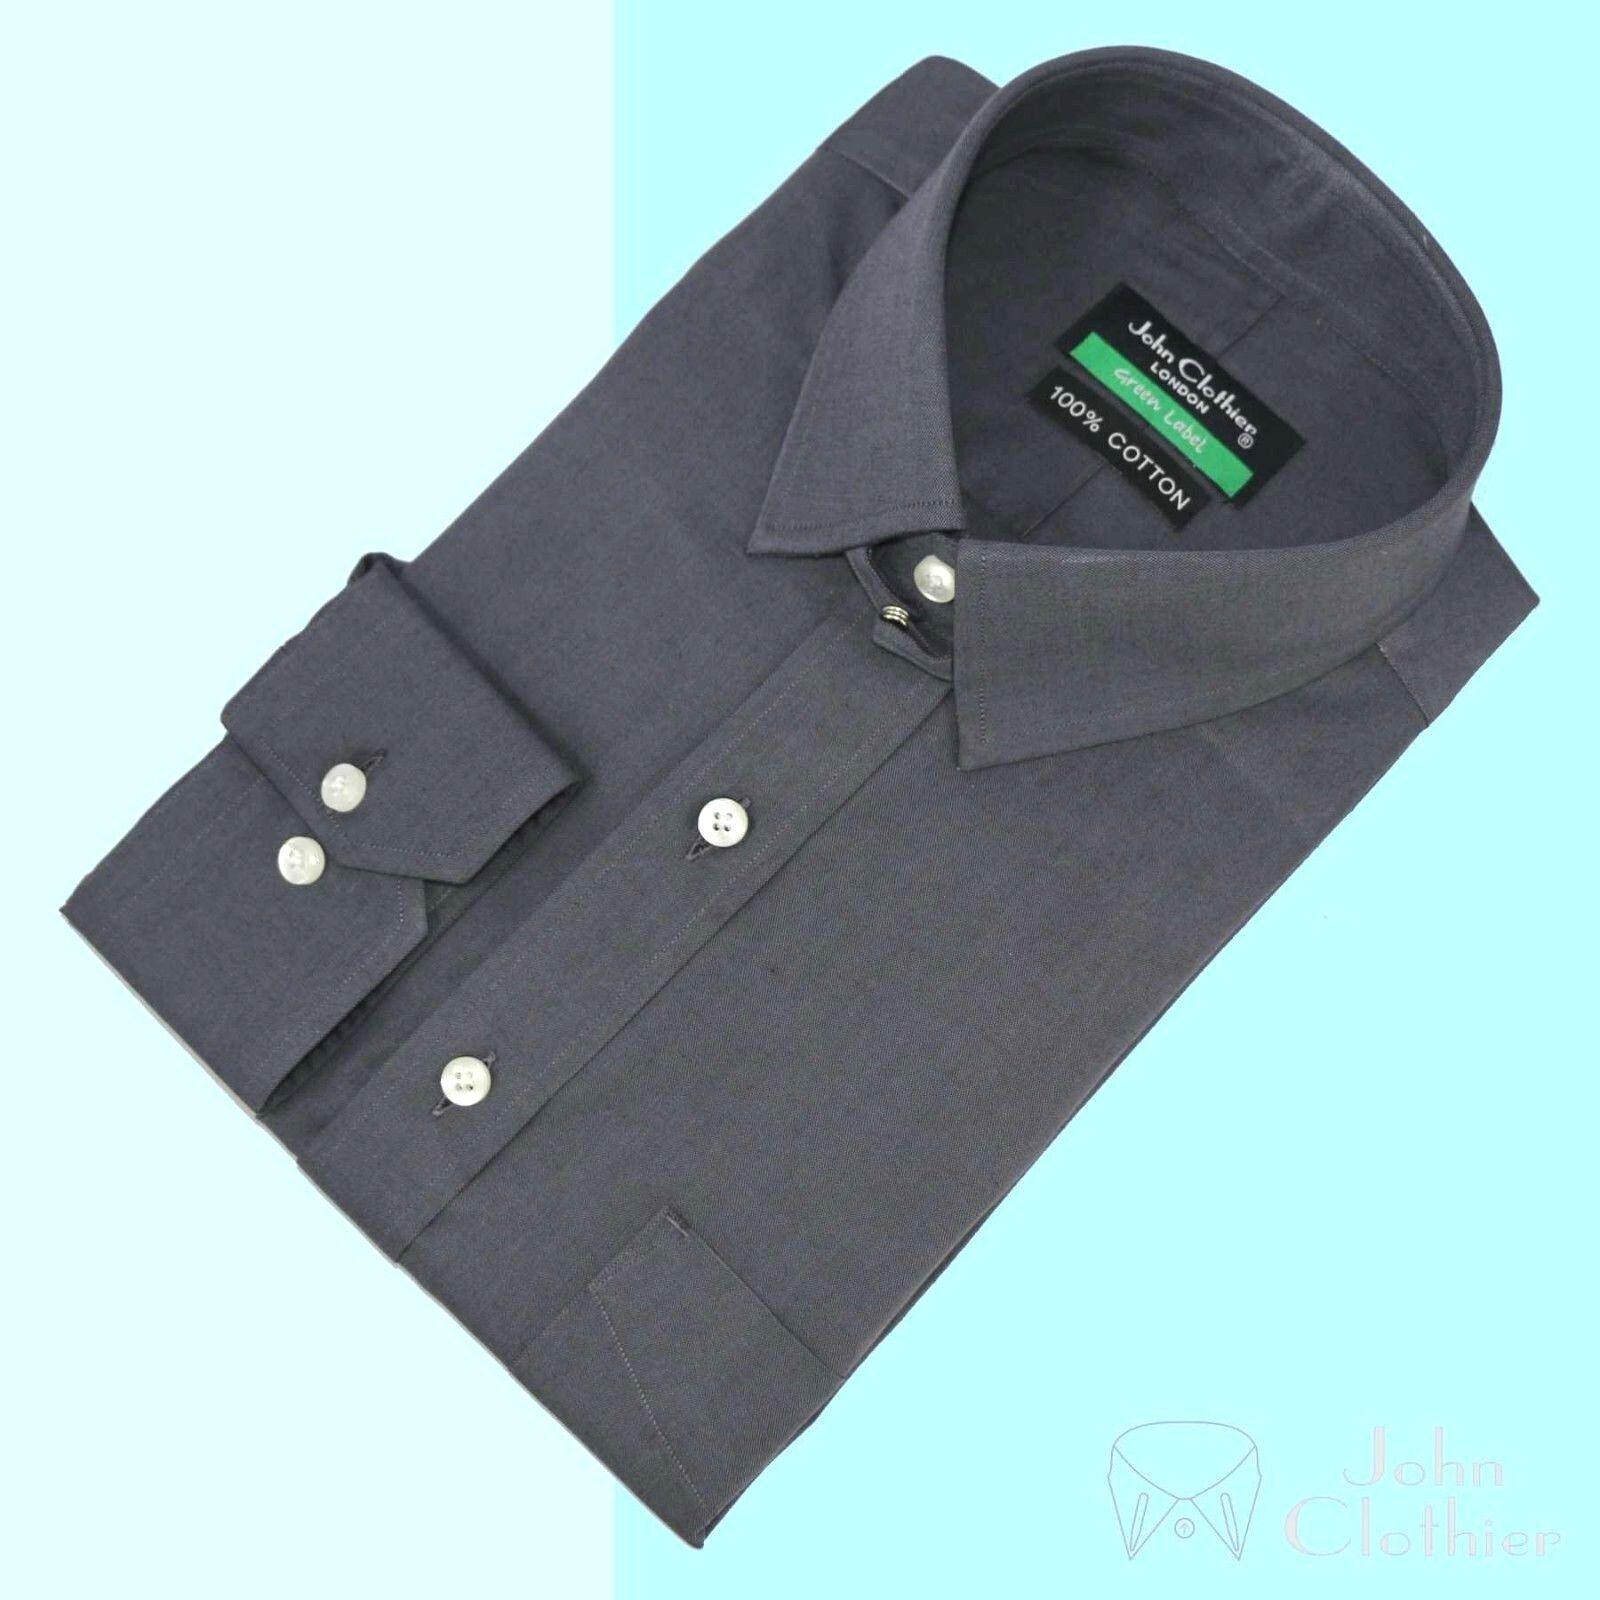 Herren Tab Kragen Hemd Graues Shirt Bankier- Schlaufe James Bond für 100% Cotton